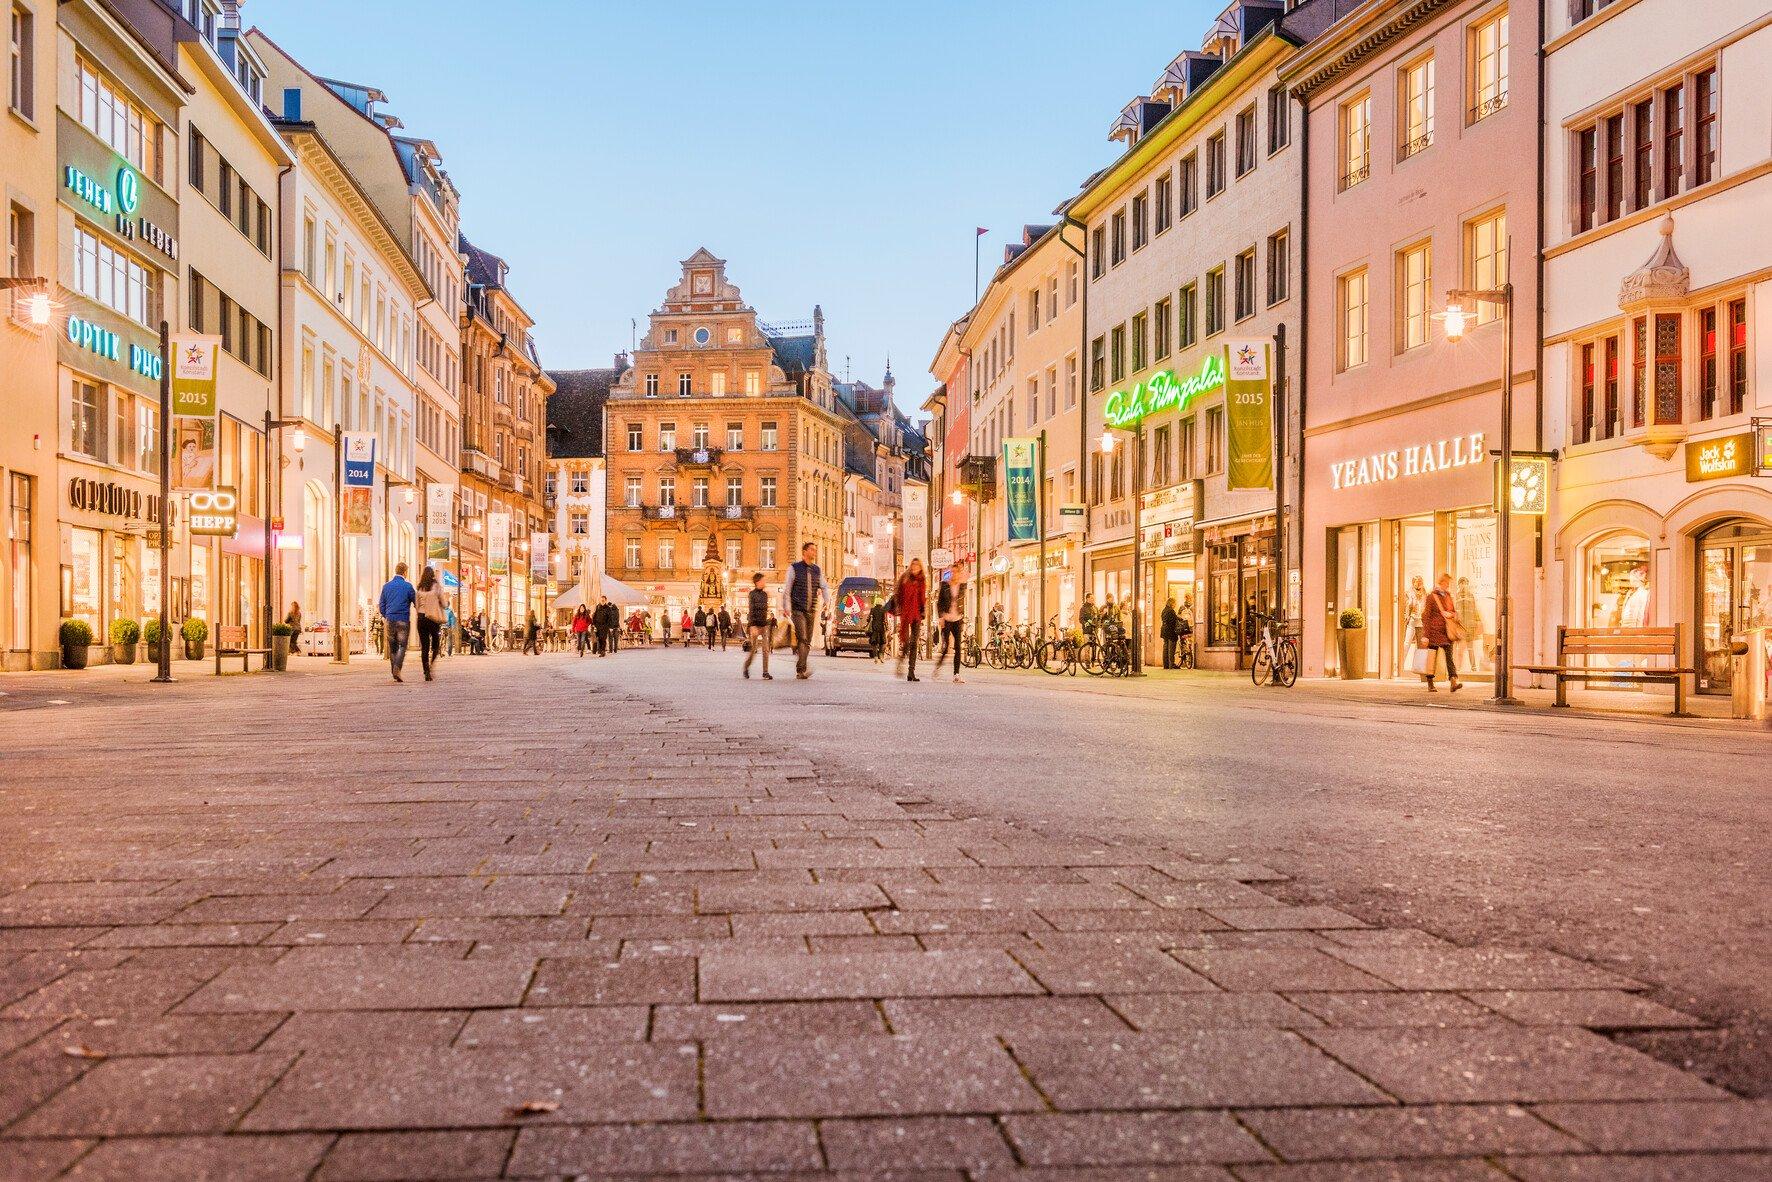 Der Kaiserbrunnen inmitten der Marktstätte